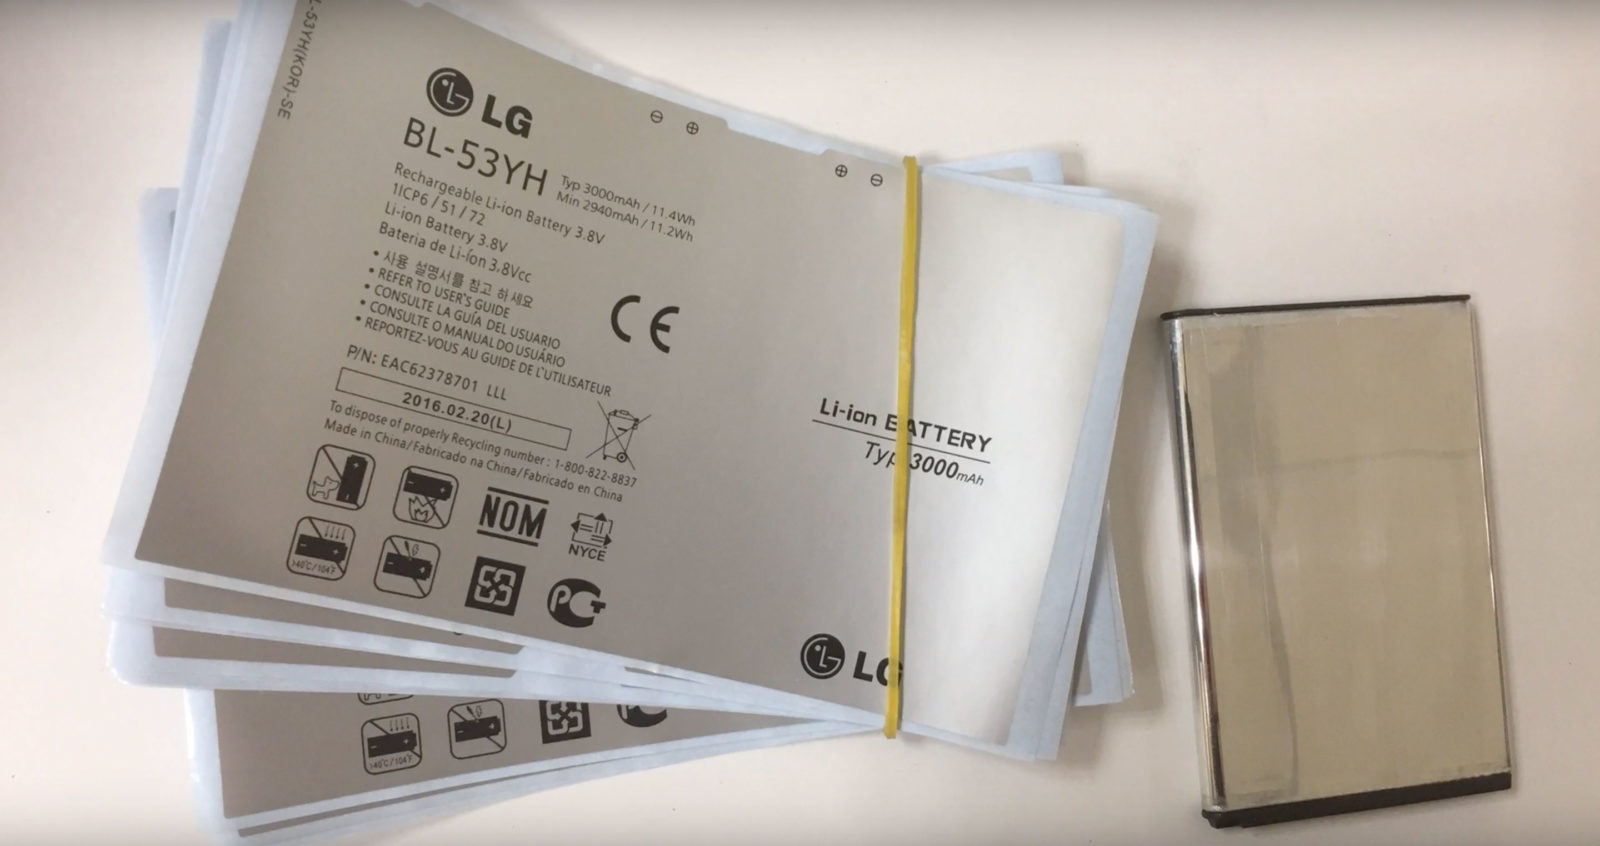 Documentazione relativa alle batterie